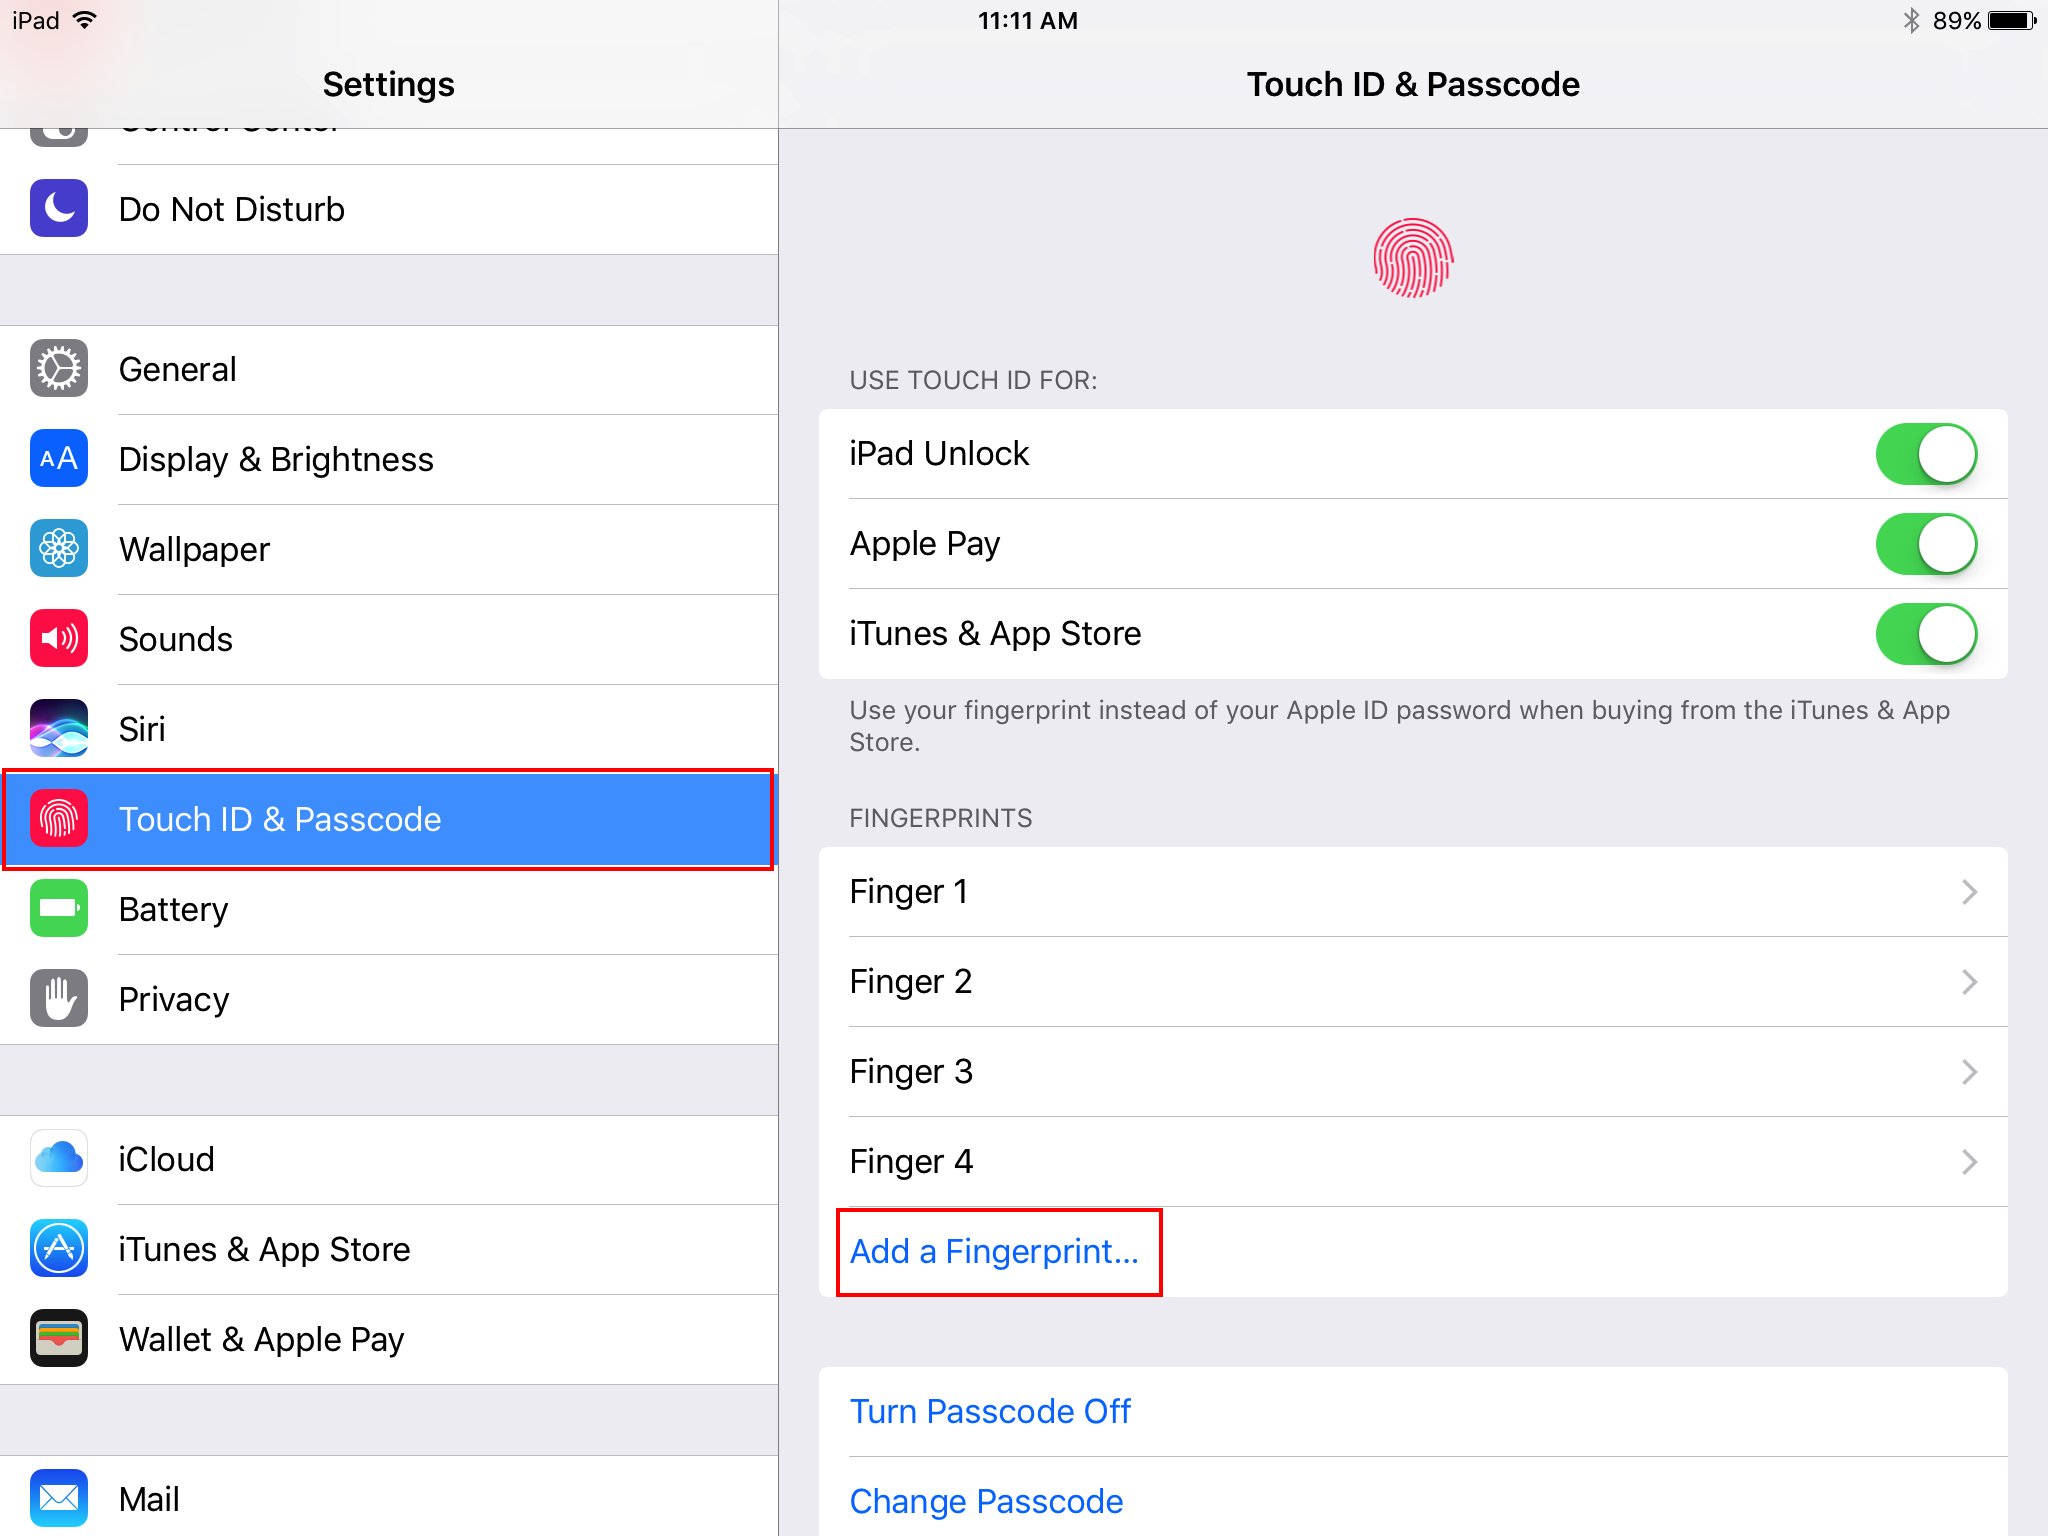 Mobile EHR App: How do I enable Touch ID Fingerprint login